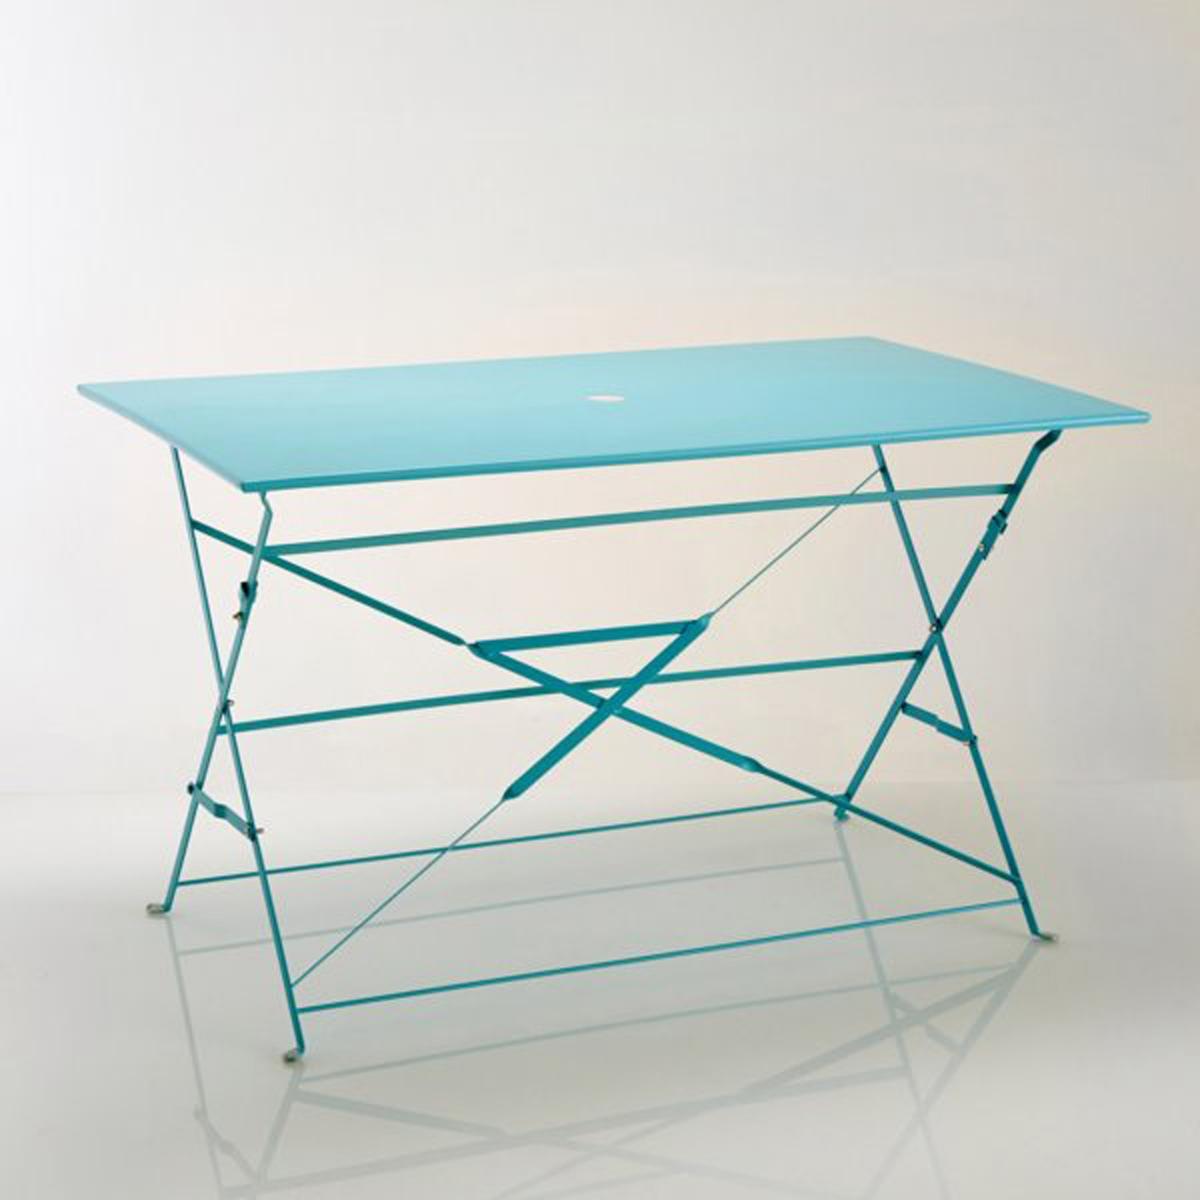 Стол прямоугольный складной из металлаХарактеристики стола из металла :Метал с ярким лакированным покрытием*.- Финальная отделка эпоксидным лаком.Центральное отверстие для зонта ?5 см.Стол продается готовым к сборке.Размеры стола из металла:Ширина: 120 смВысота: 70 смГлубина: 70 смТолщина в сложенном виде: 5 см.*Металл с антикоррозийной обработкой и покрытием эпоксидной эмалью делает этот столик  удобным  в использовании и устойчивым к ржавчине и неблагоприятным погодным условиям. Легкий, просто перемещать и хранить.Доставка:Стол продается готовым к сборке. Доставка на дом с возможностью подъёма на этаж!Внимание! Убедитесь, что товар возможно доставить на дом, учитывая его габариты (проходит в двери, по лестницам, в лифты).<br><br>Цвет: белый,бирюзовый